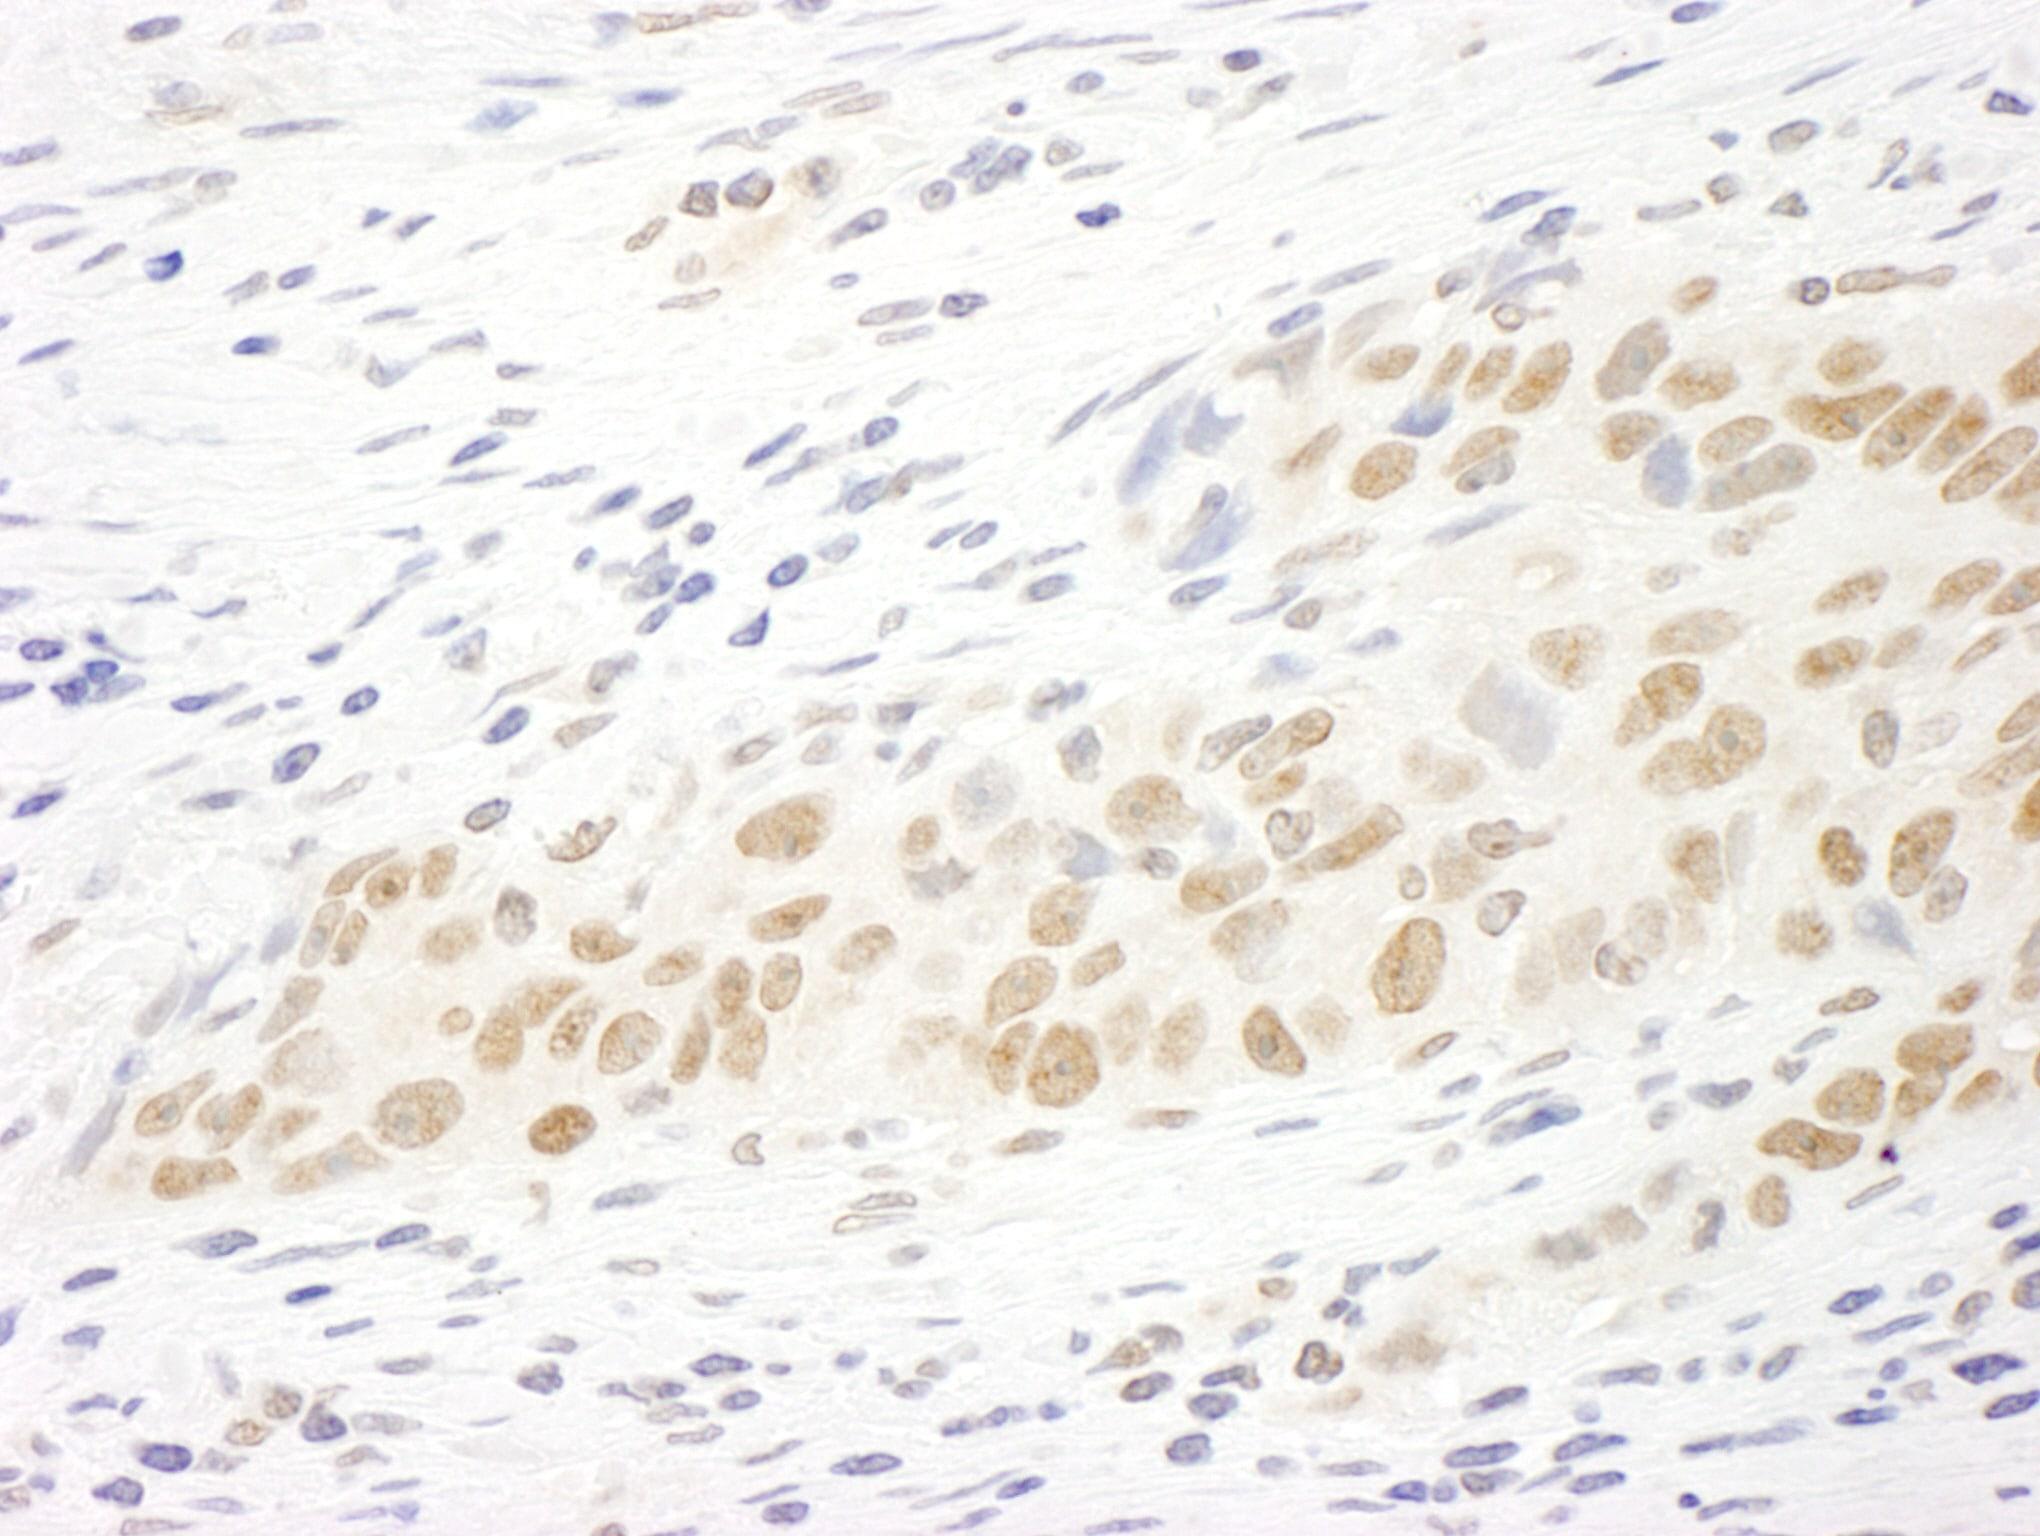 MASTL Antibody in Immunohistochemistry (IHC)